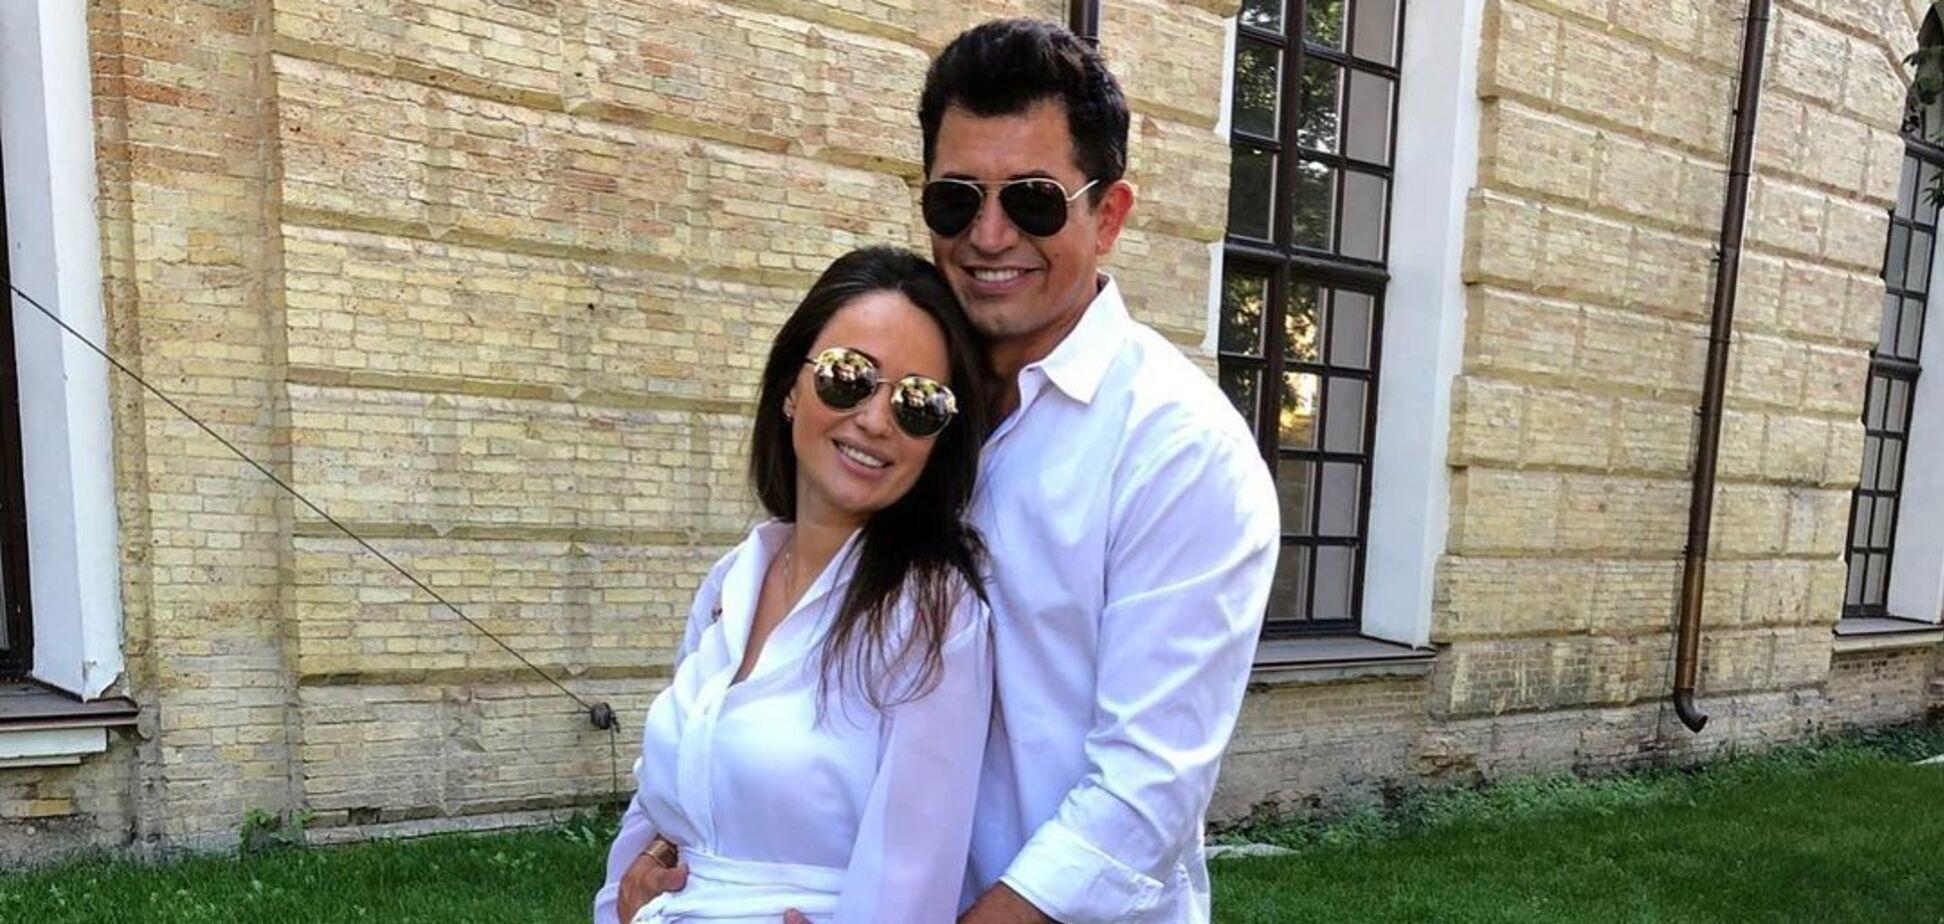 Джеджула заявил, что супруга запрещает ему видеться с дочерью. Видео